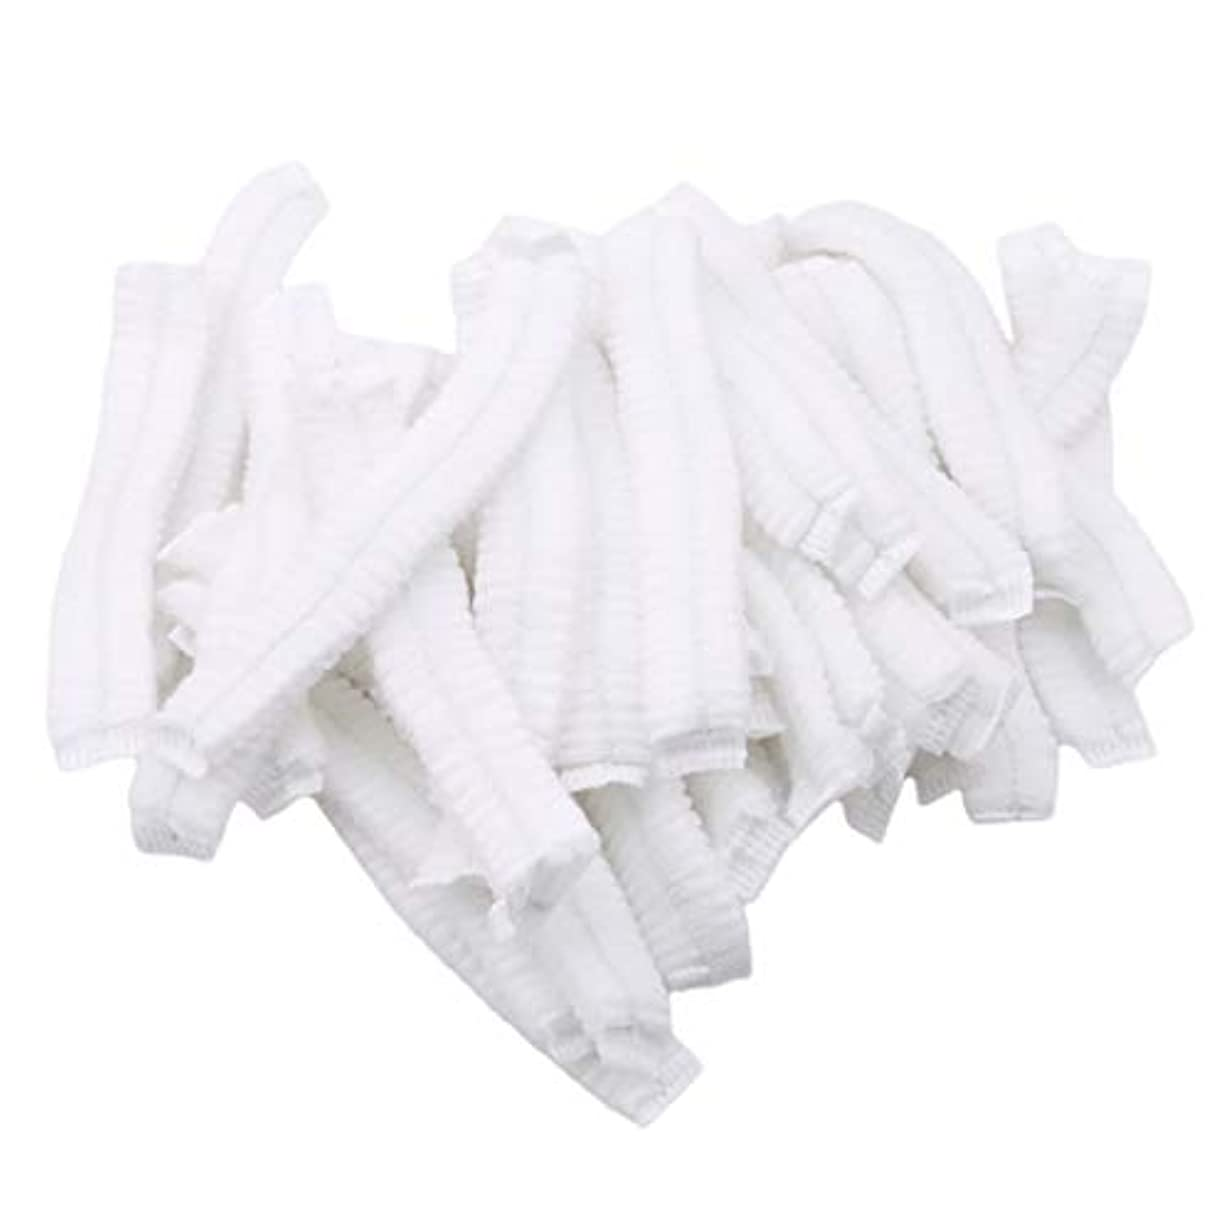 カバーすすり泣き配管GOMYIE 病院サロンスパダイニングとほこりのない作業エリア用の使い捨て不織布ふわふわ帽子ネット100個(白)